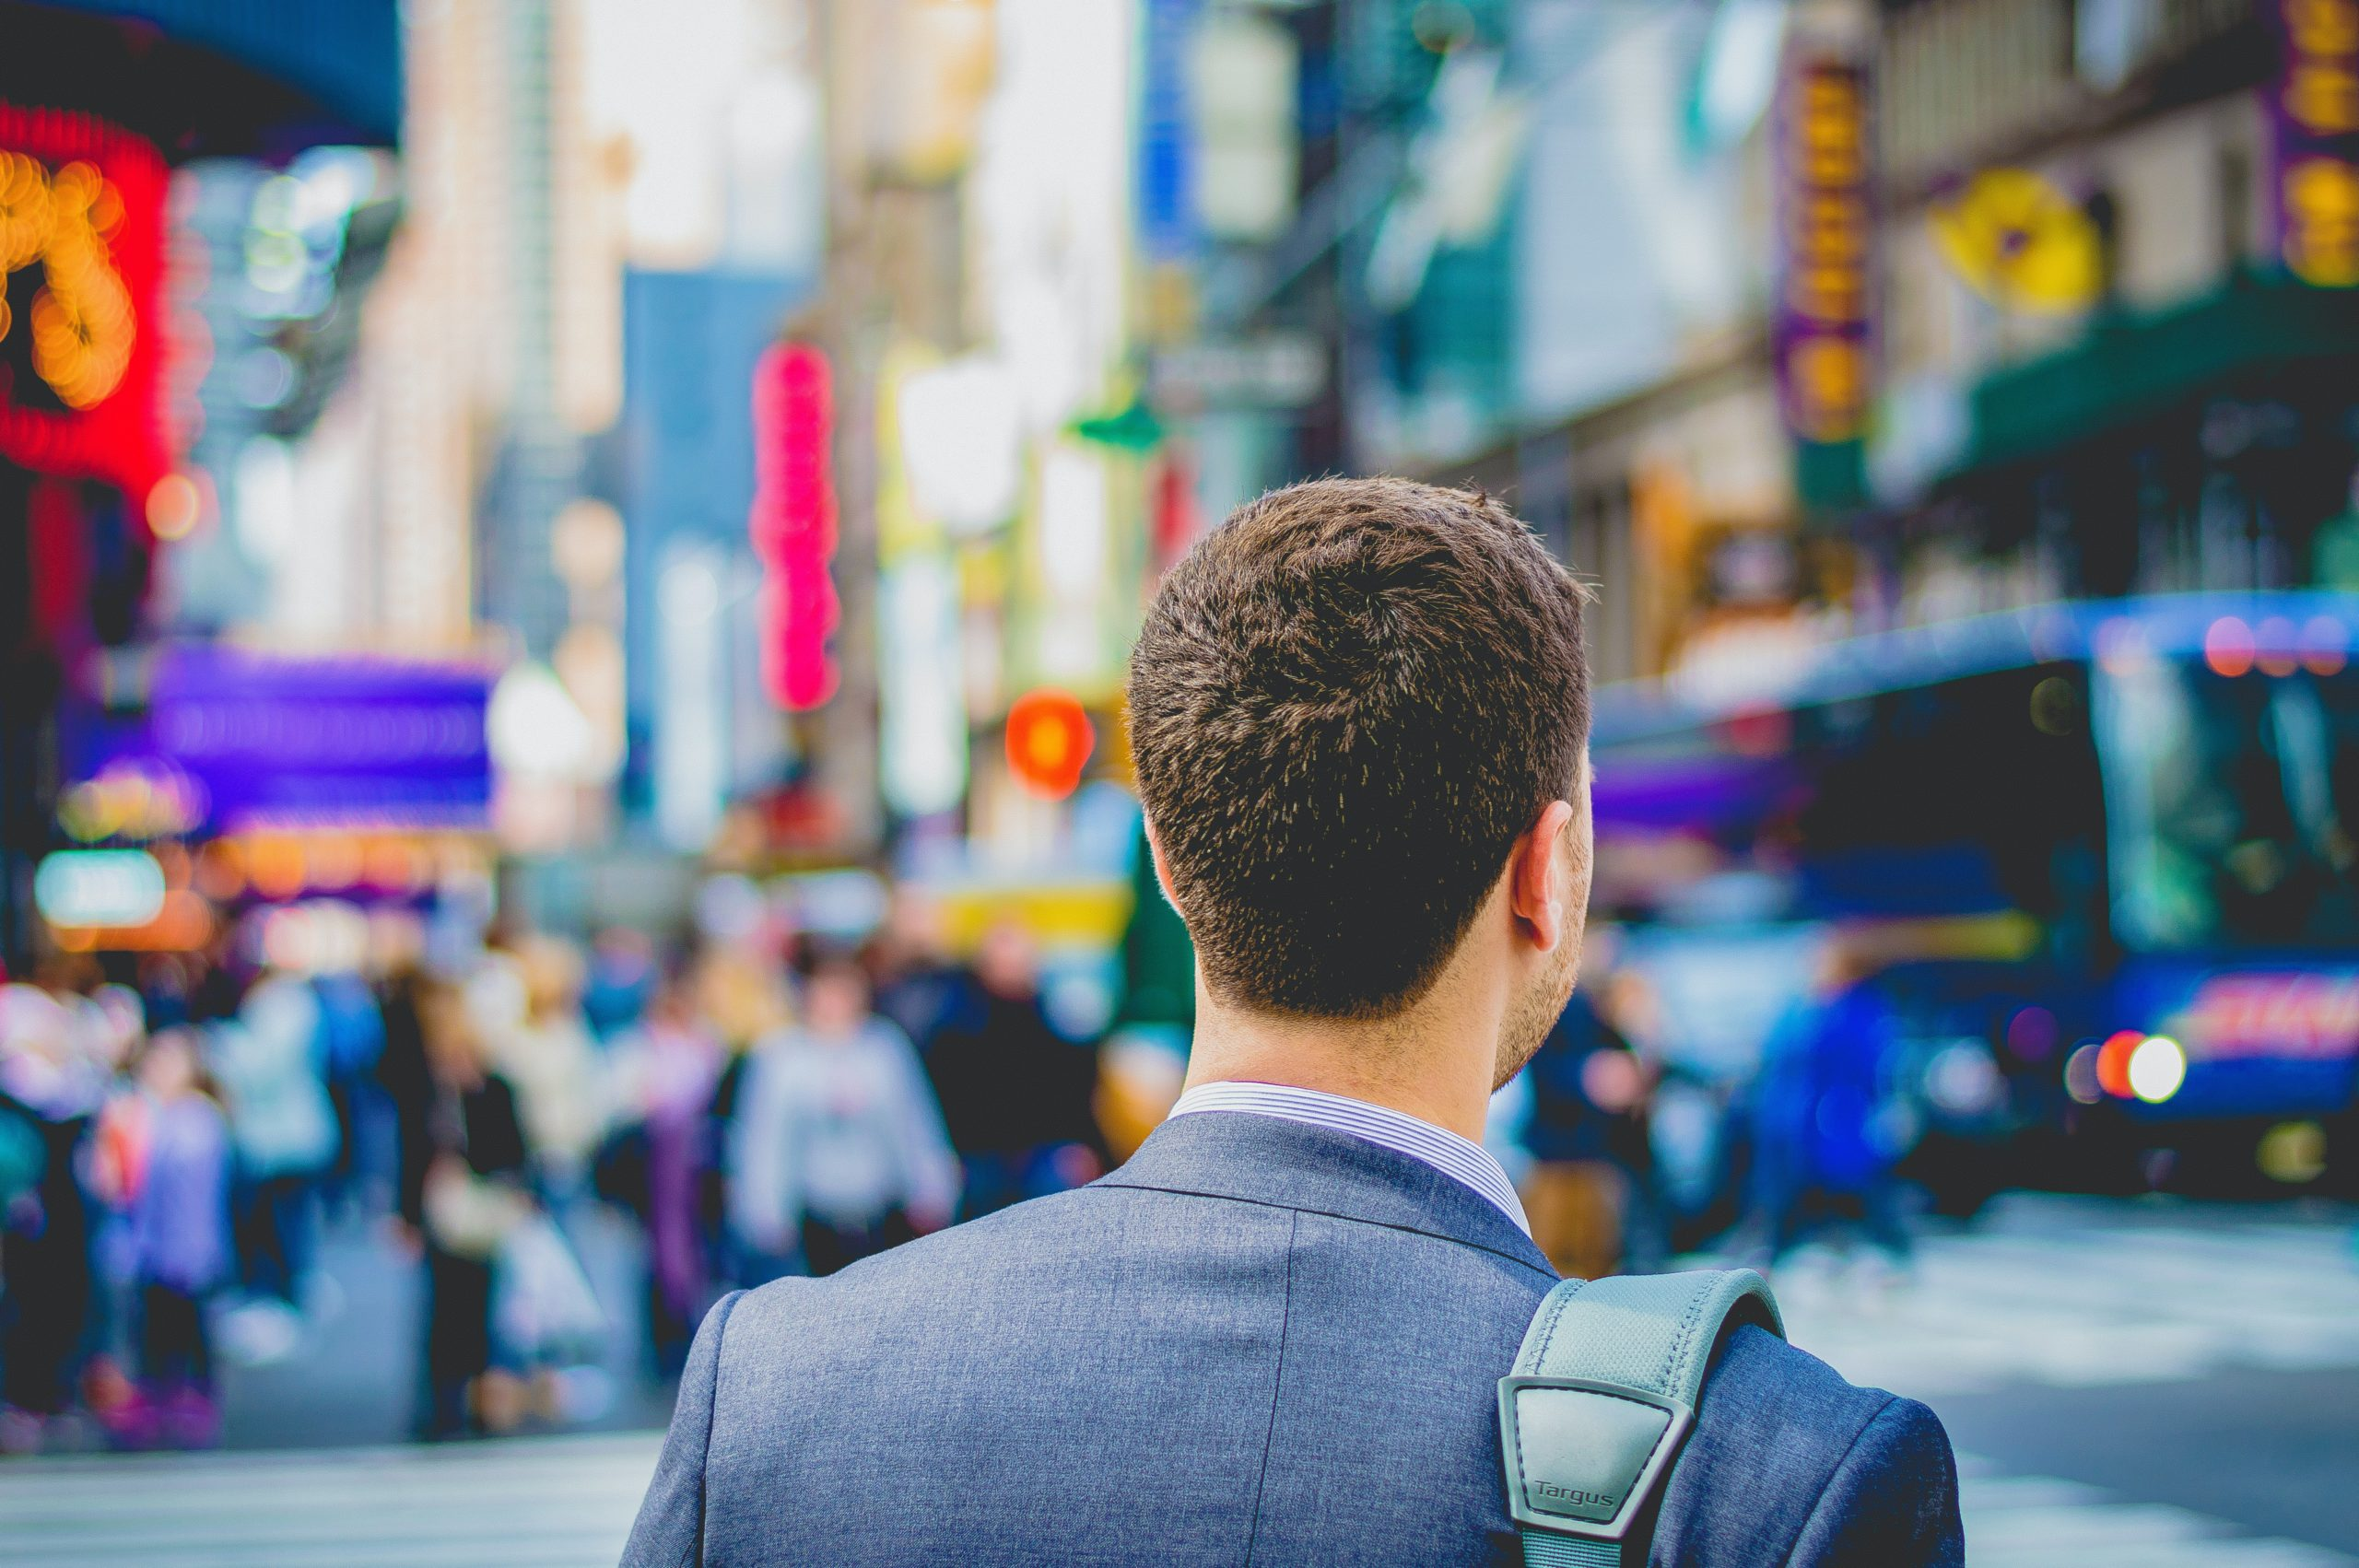 外資の転職につよい転職エージェント 20代